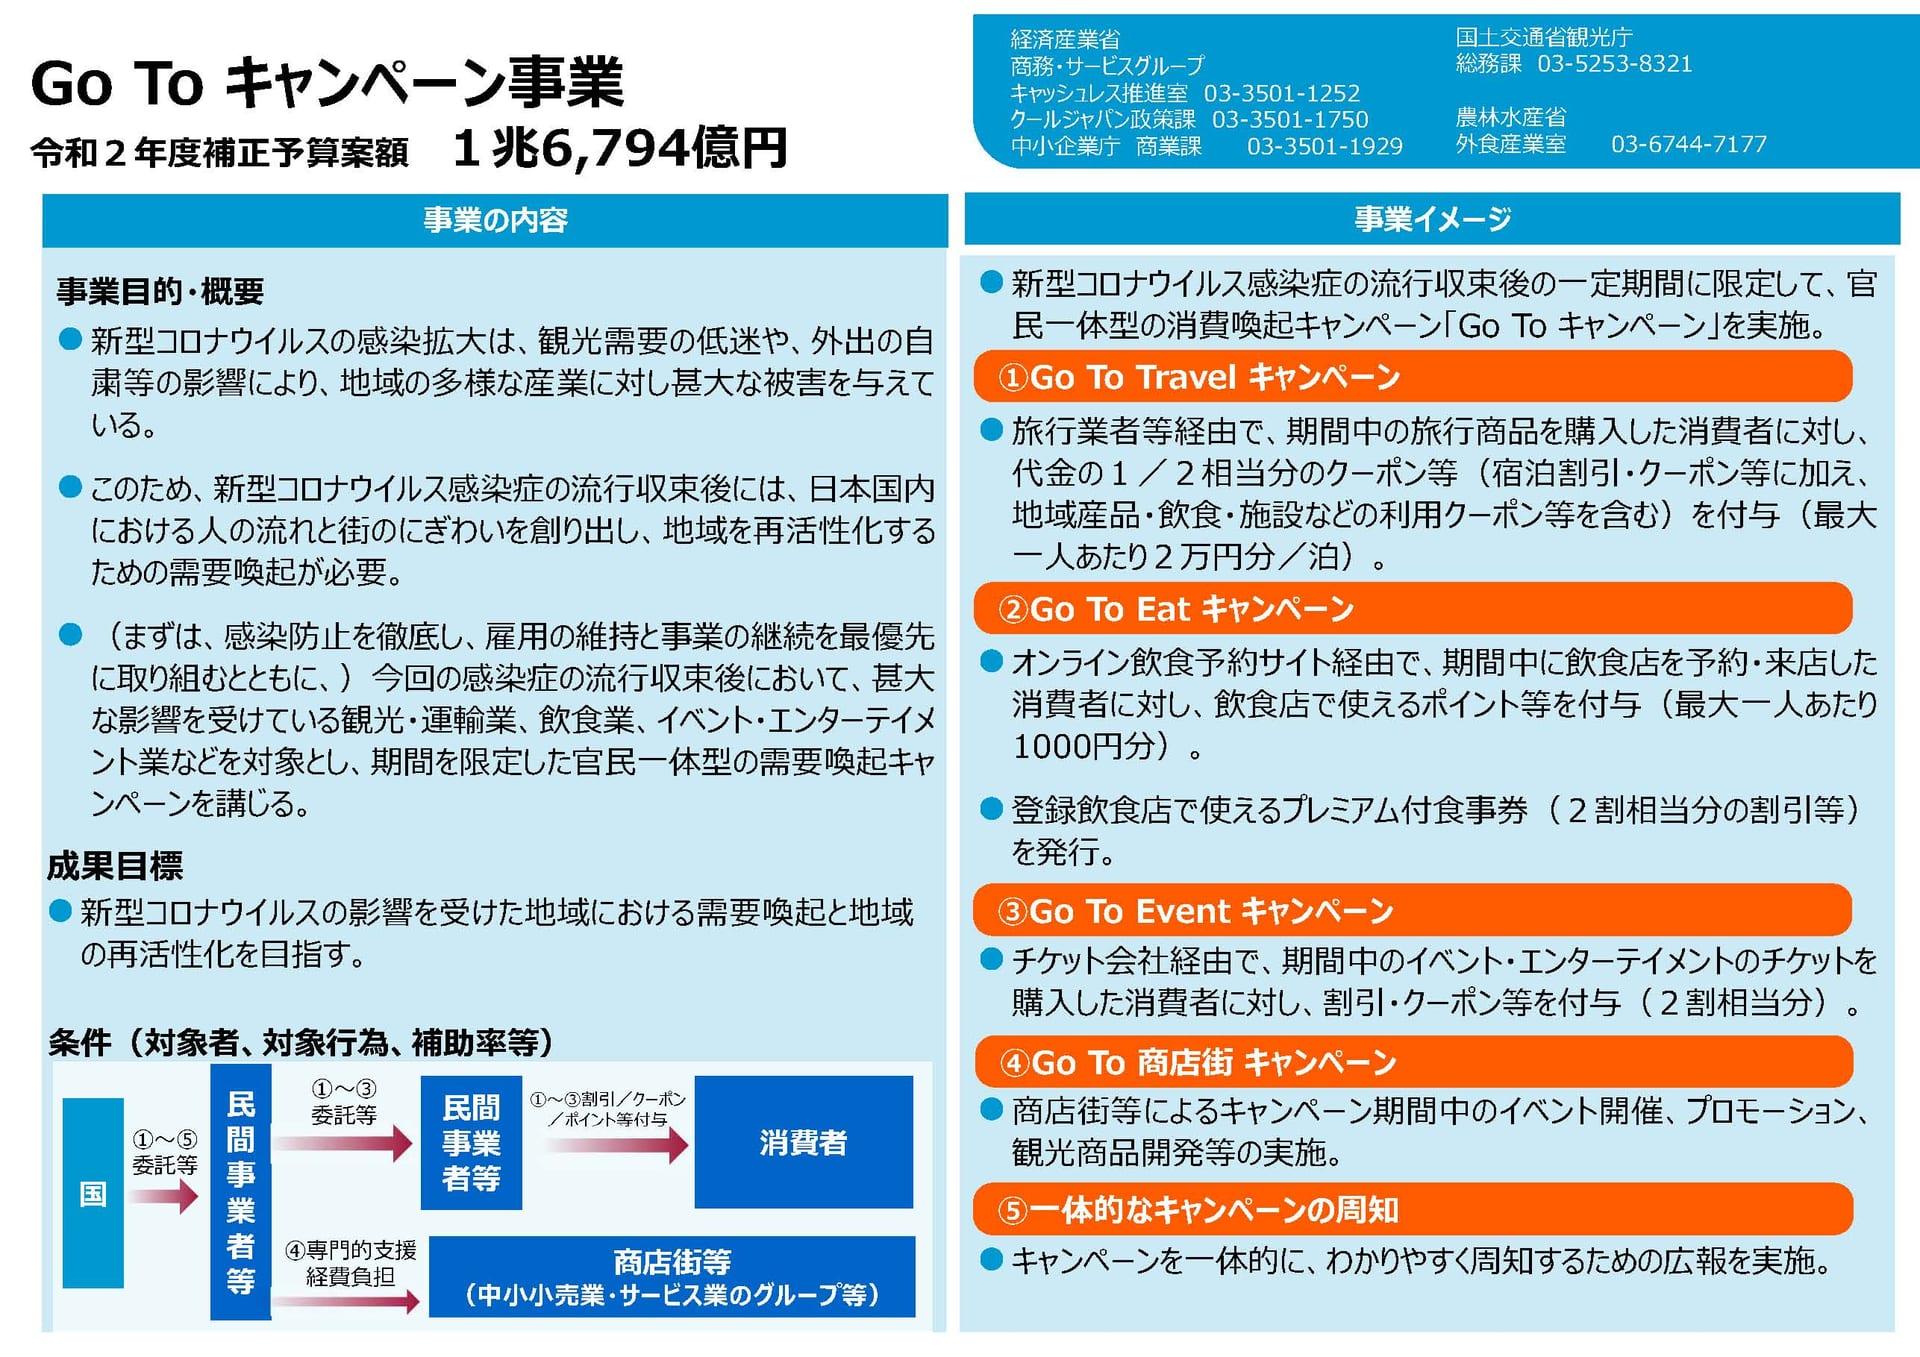 【ニュース】国内旅行の半額補助やプレミアム付き食事券が7月下旬開始へ…